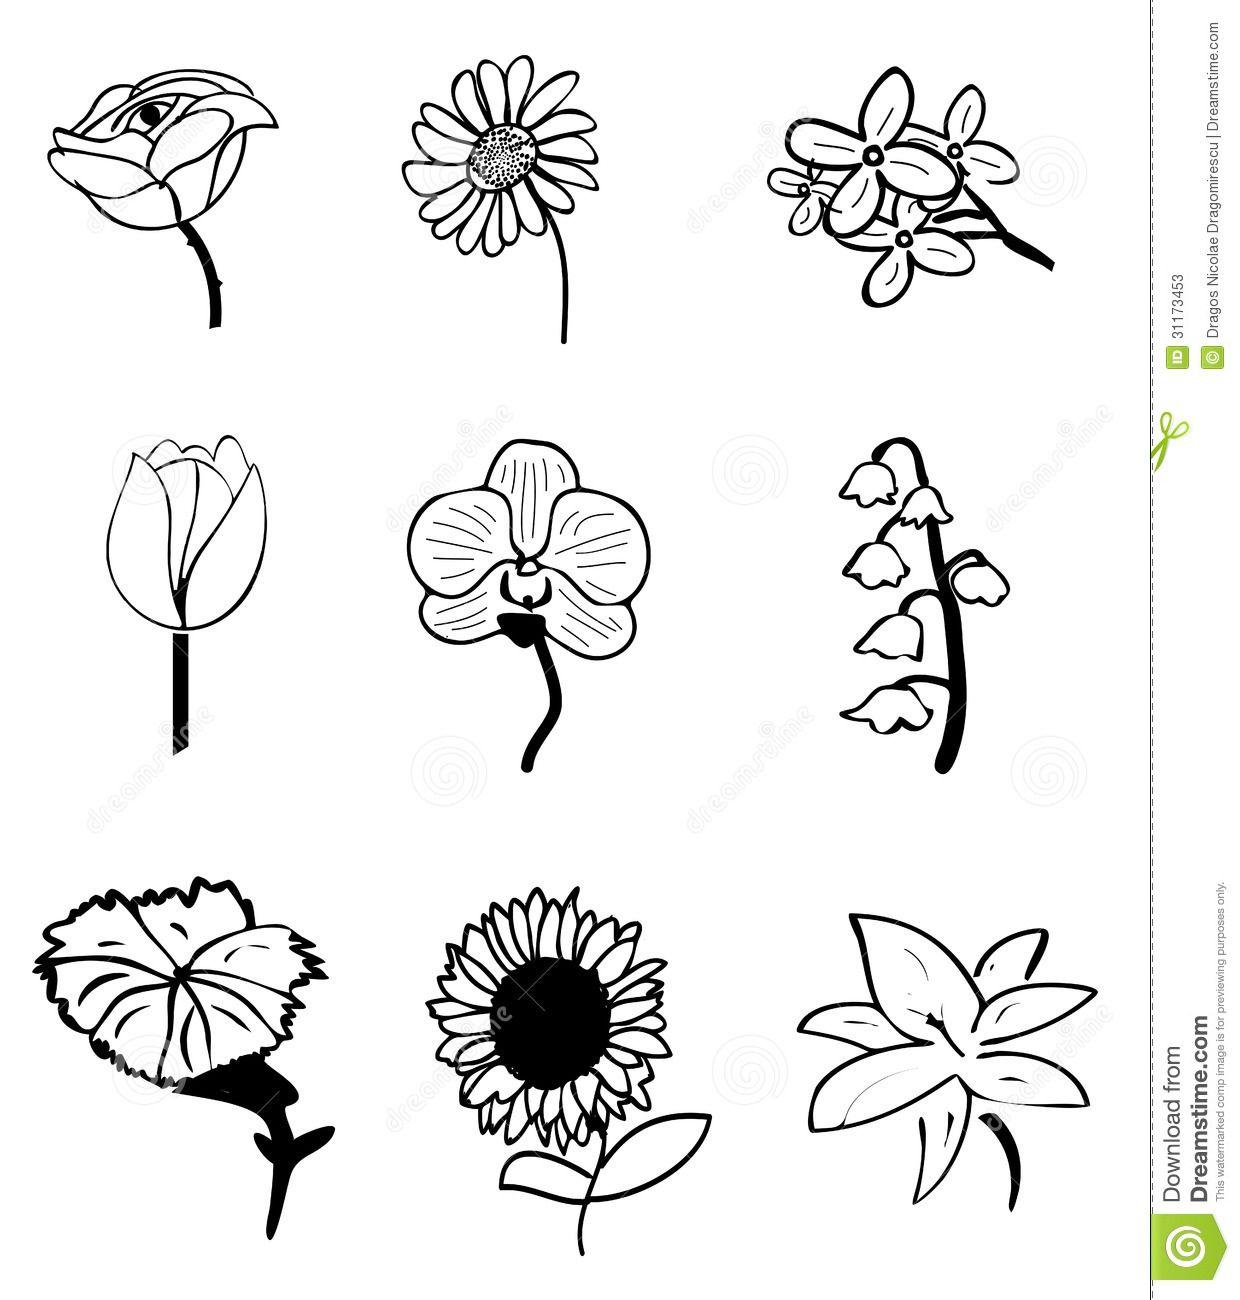 Image Result For Simple Flower Sketch